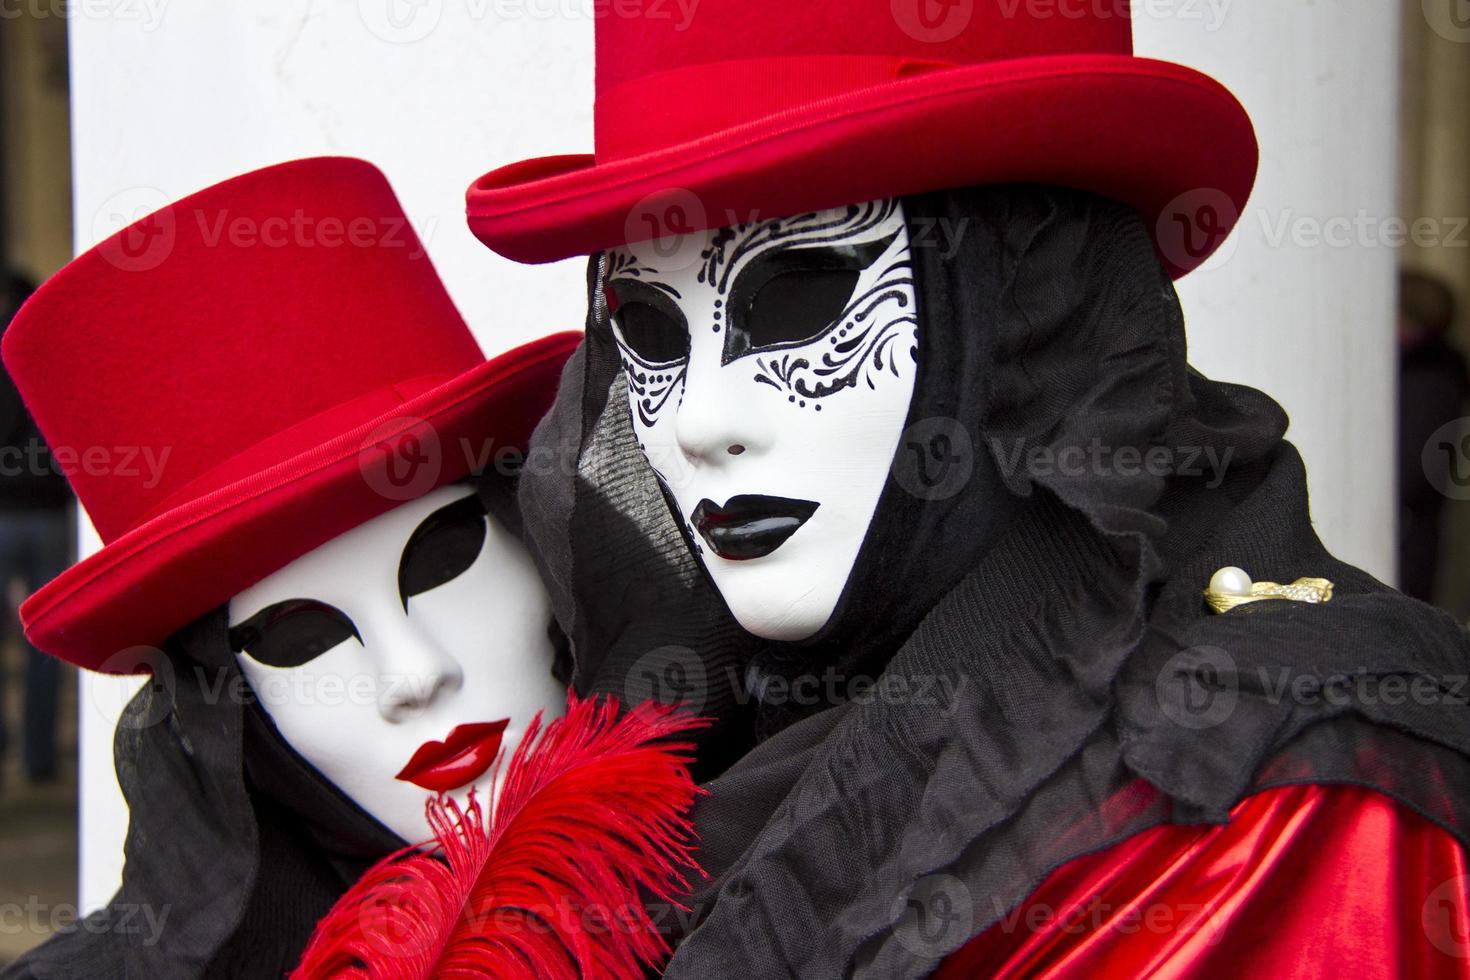 maschera a venezia foto